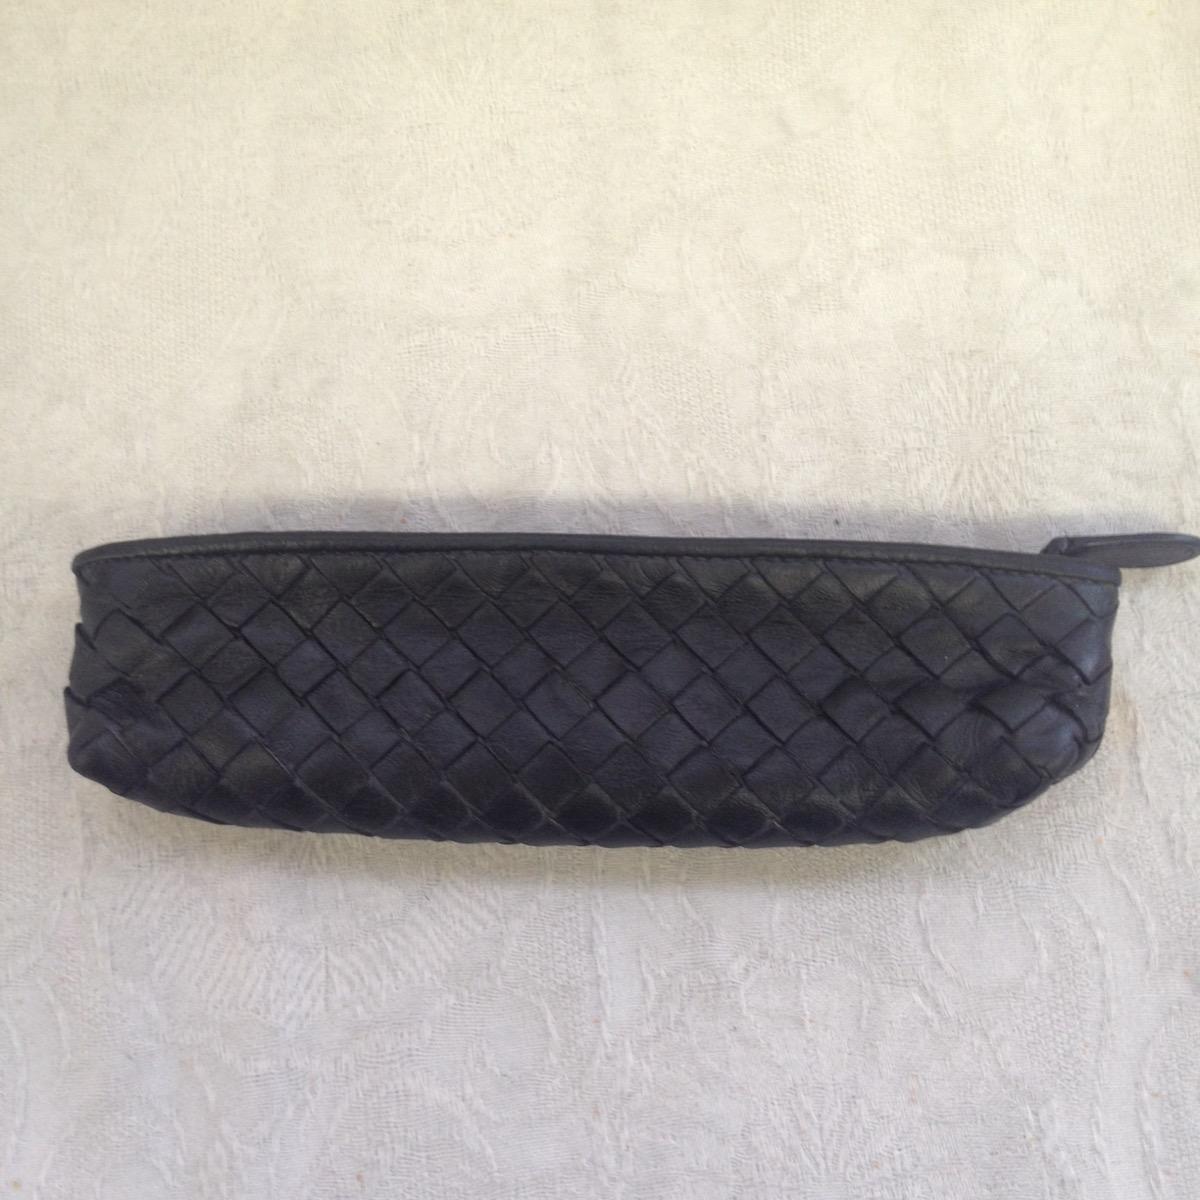 池袋 ペンケース ソファー、鞄、バッグ、修理、張替、黒ずみ汚れ、クリーニング、色移り、すれ傷  ベージュ ボッテガヴェネタ 21